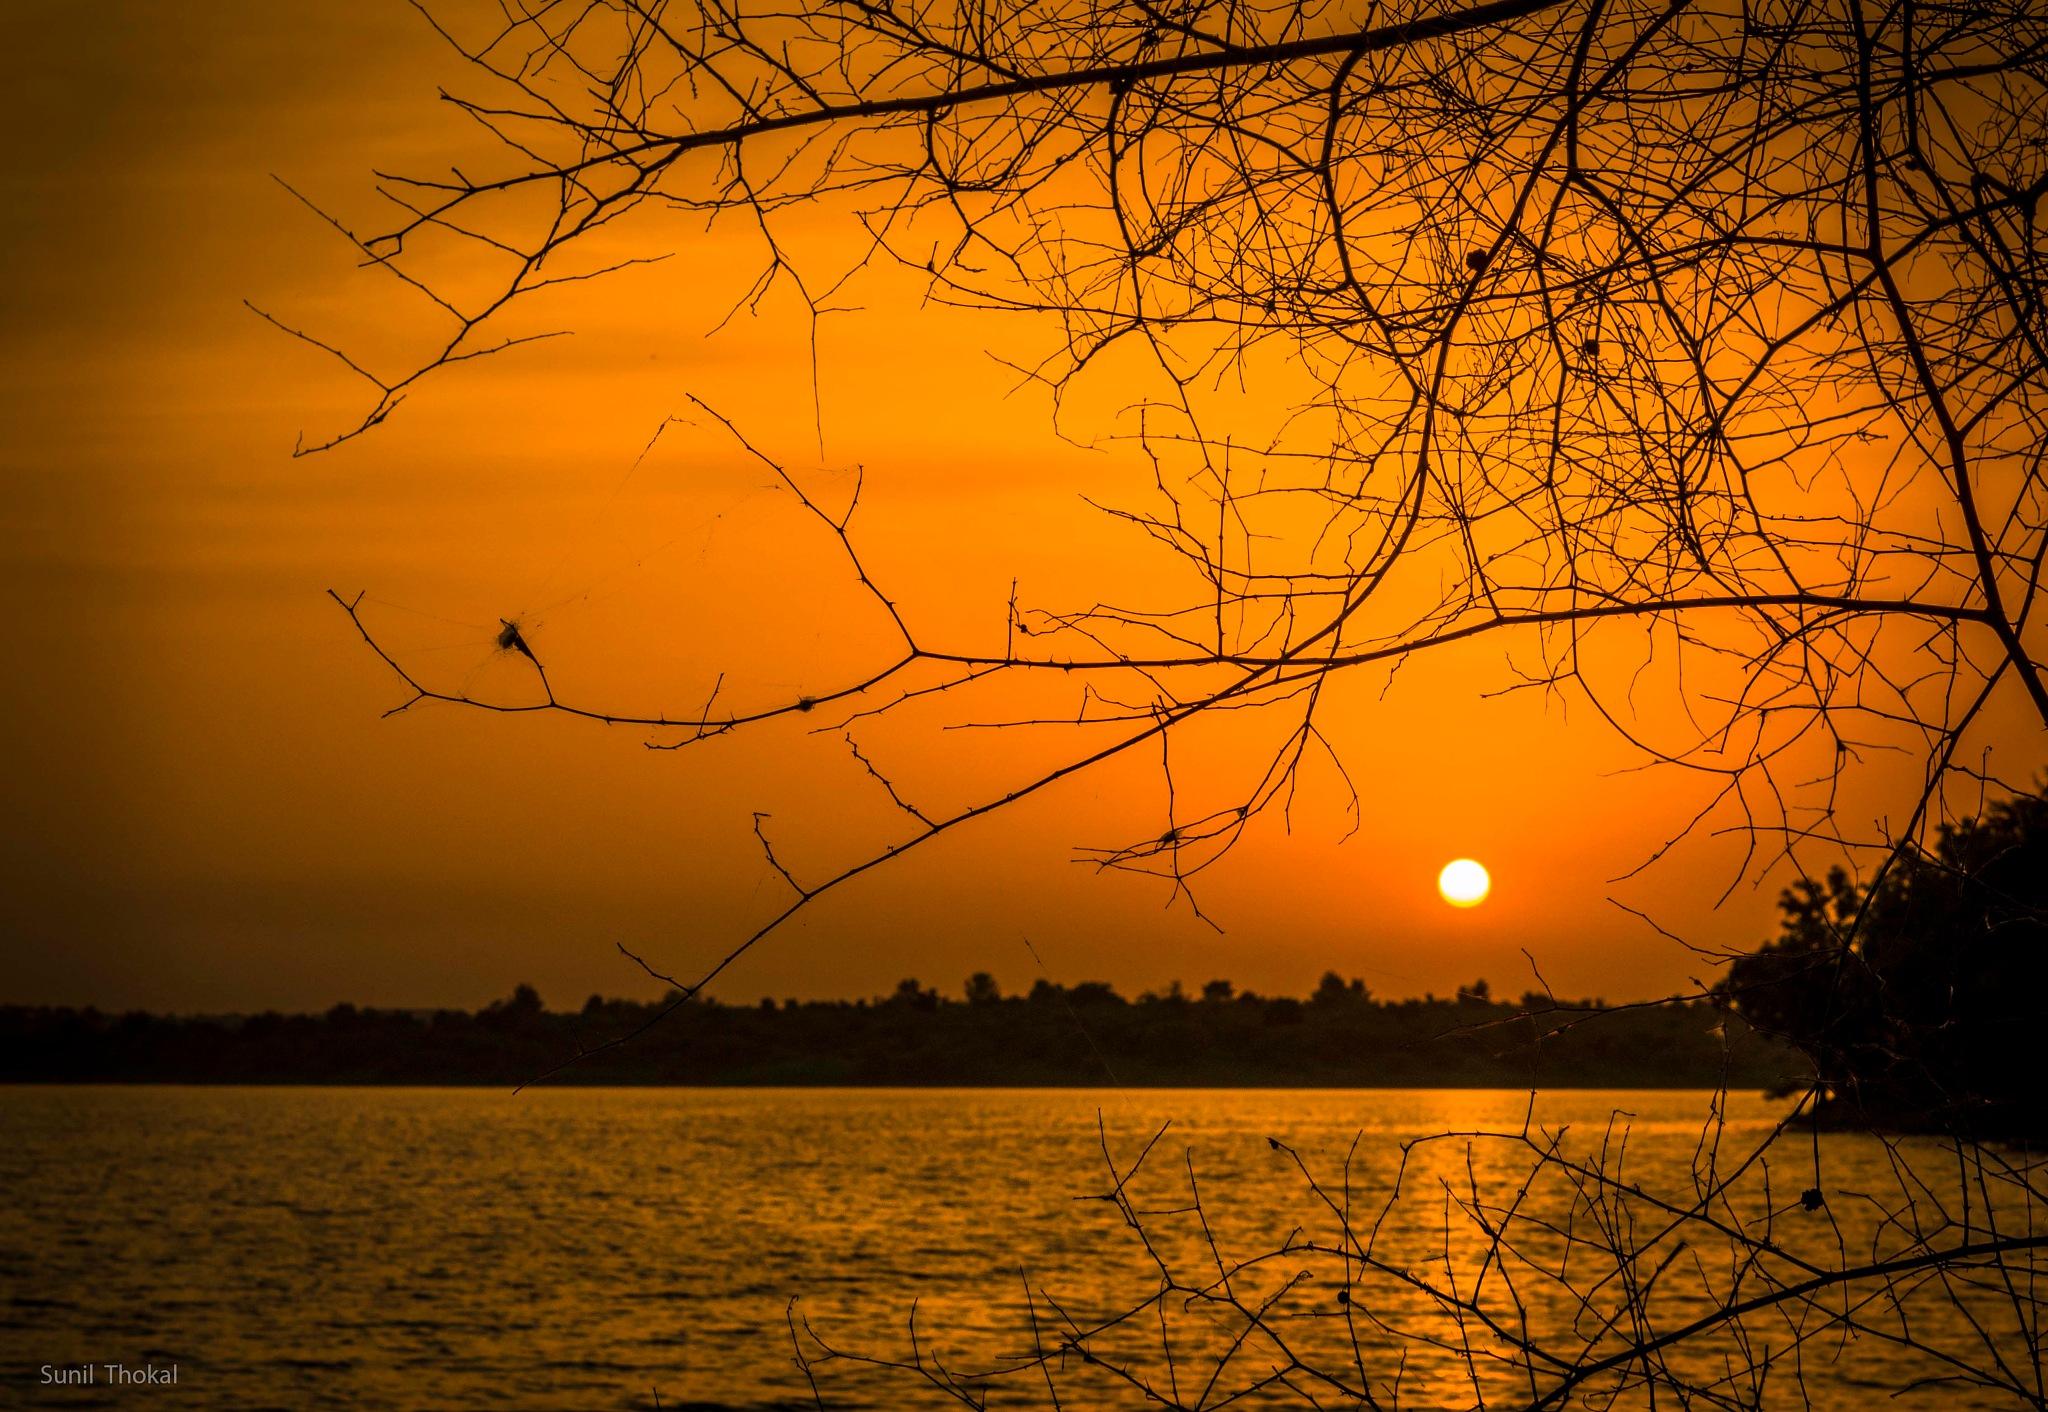 Sunset by Sunil Prabhakar Thokal